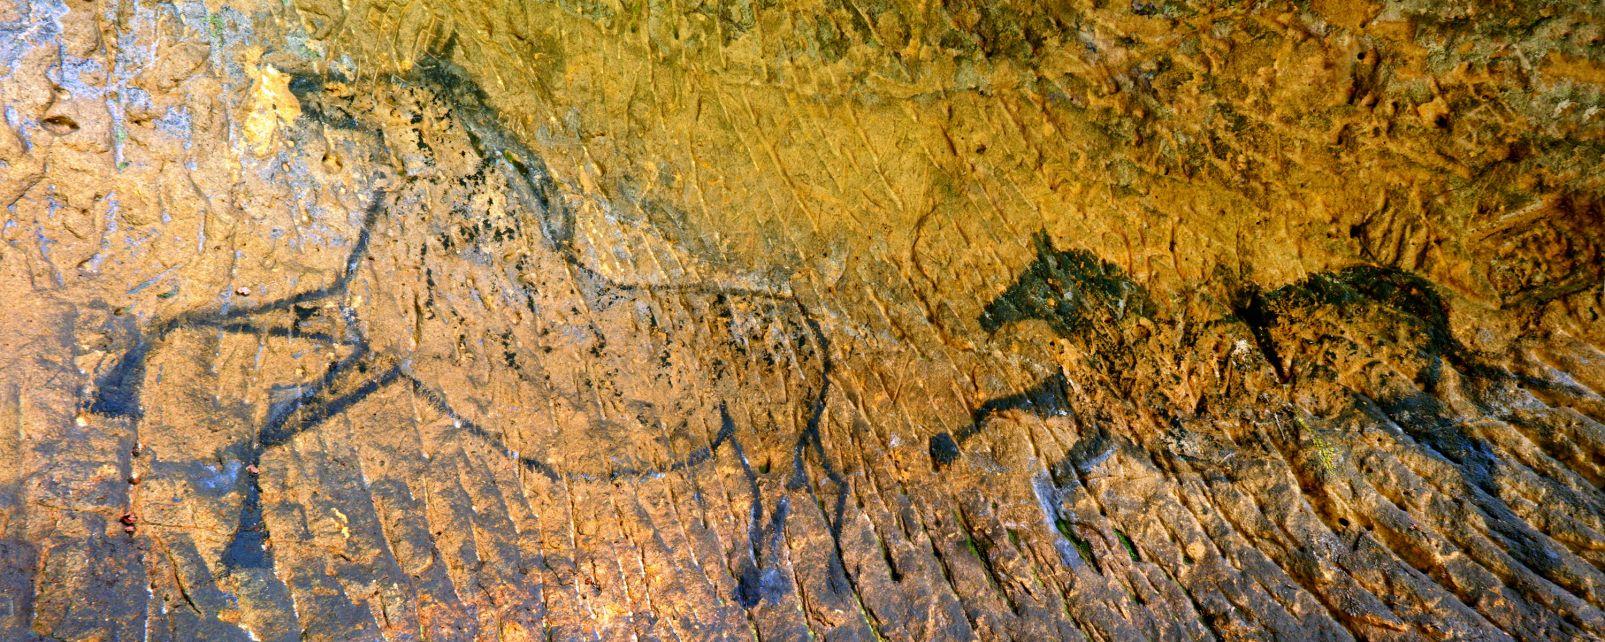 Les arts et la culture, sierra, san francisco, mexique, basse-californie, mulegé, unesco, grotte, peinture, rupestre, vizcaïno